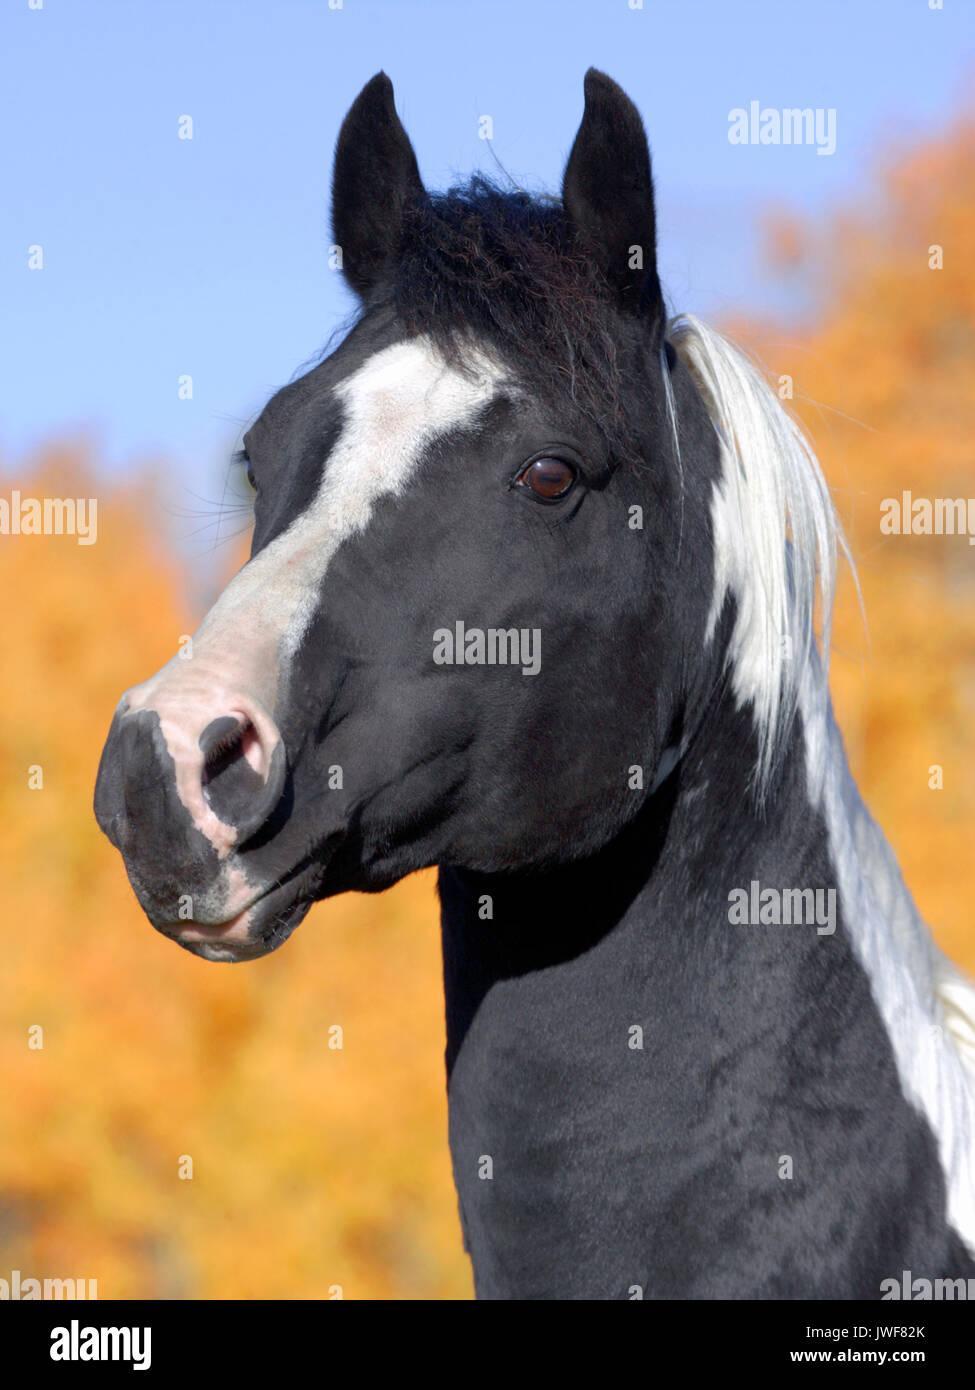 Closae up Headshot of beautiful Tobiano Pinto Stallion, against blue sky, blured tree background - Stock Image